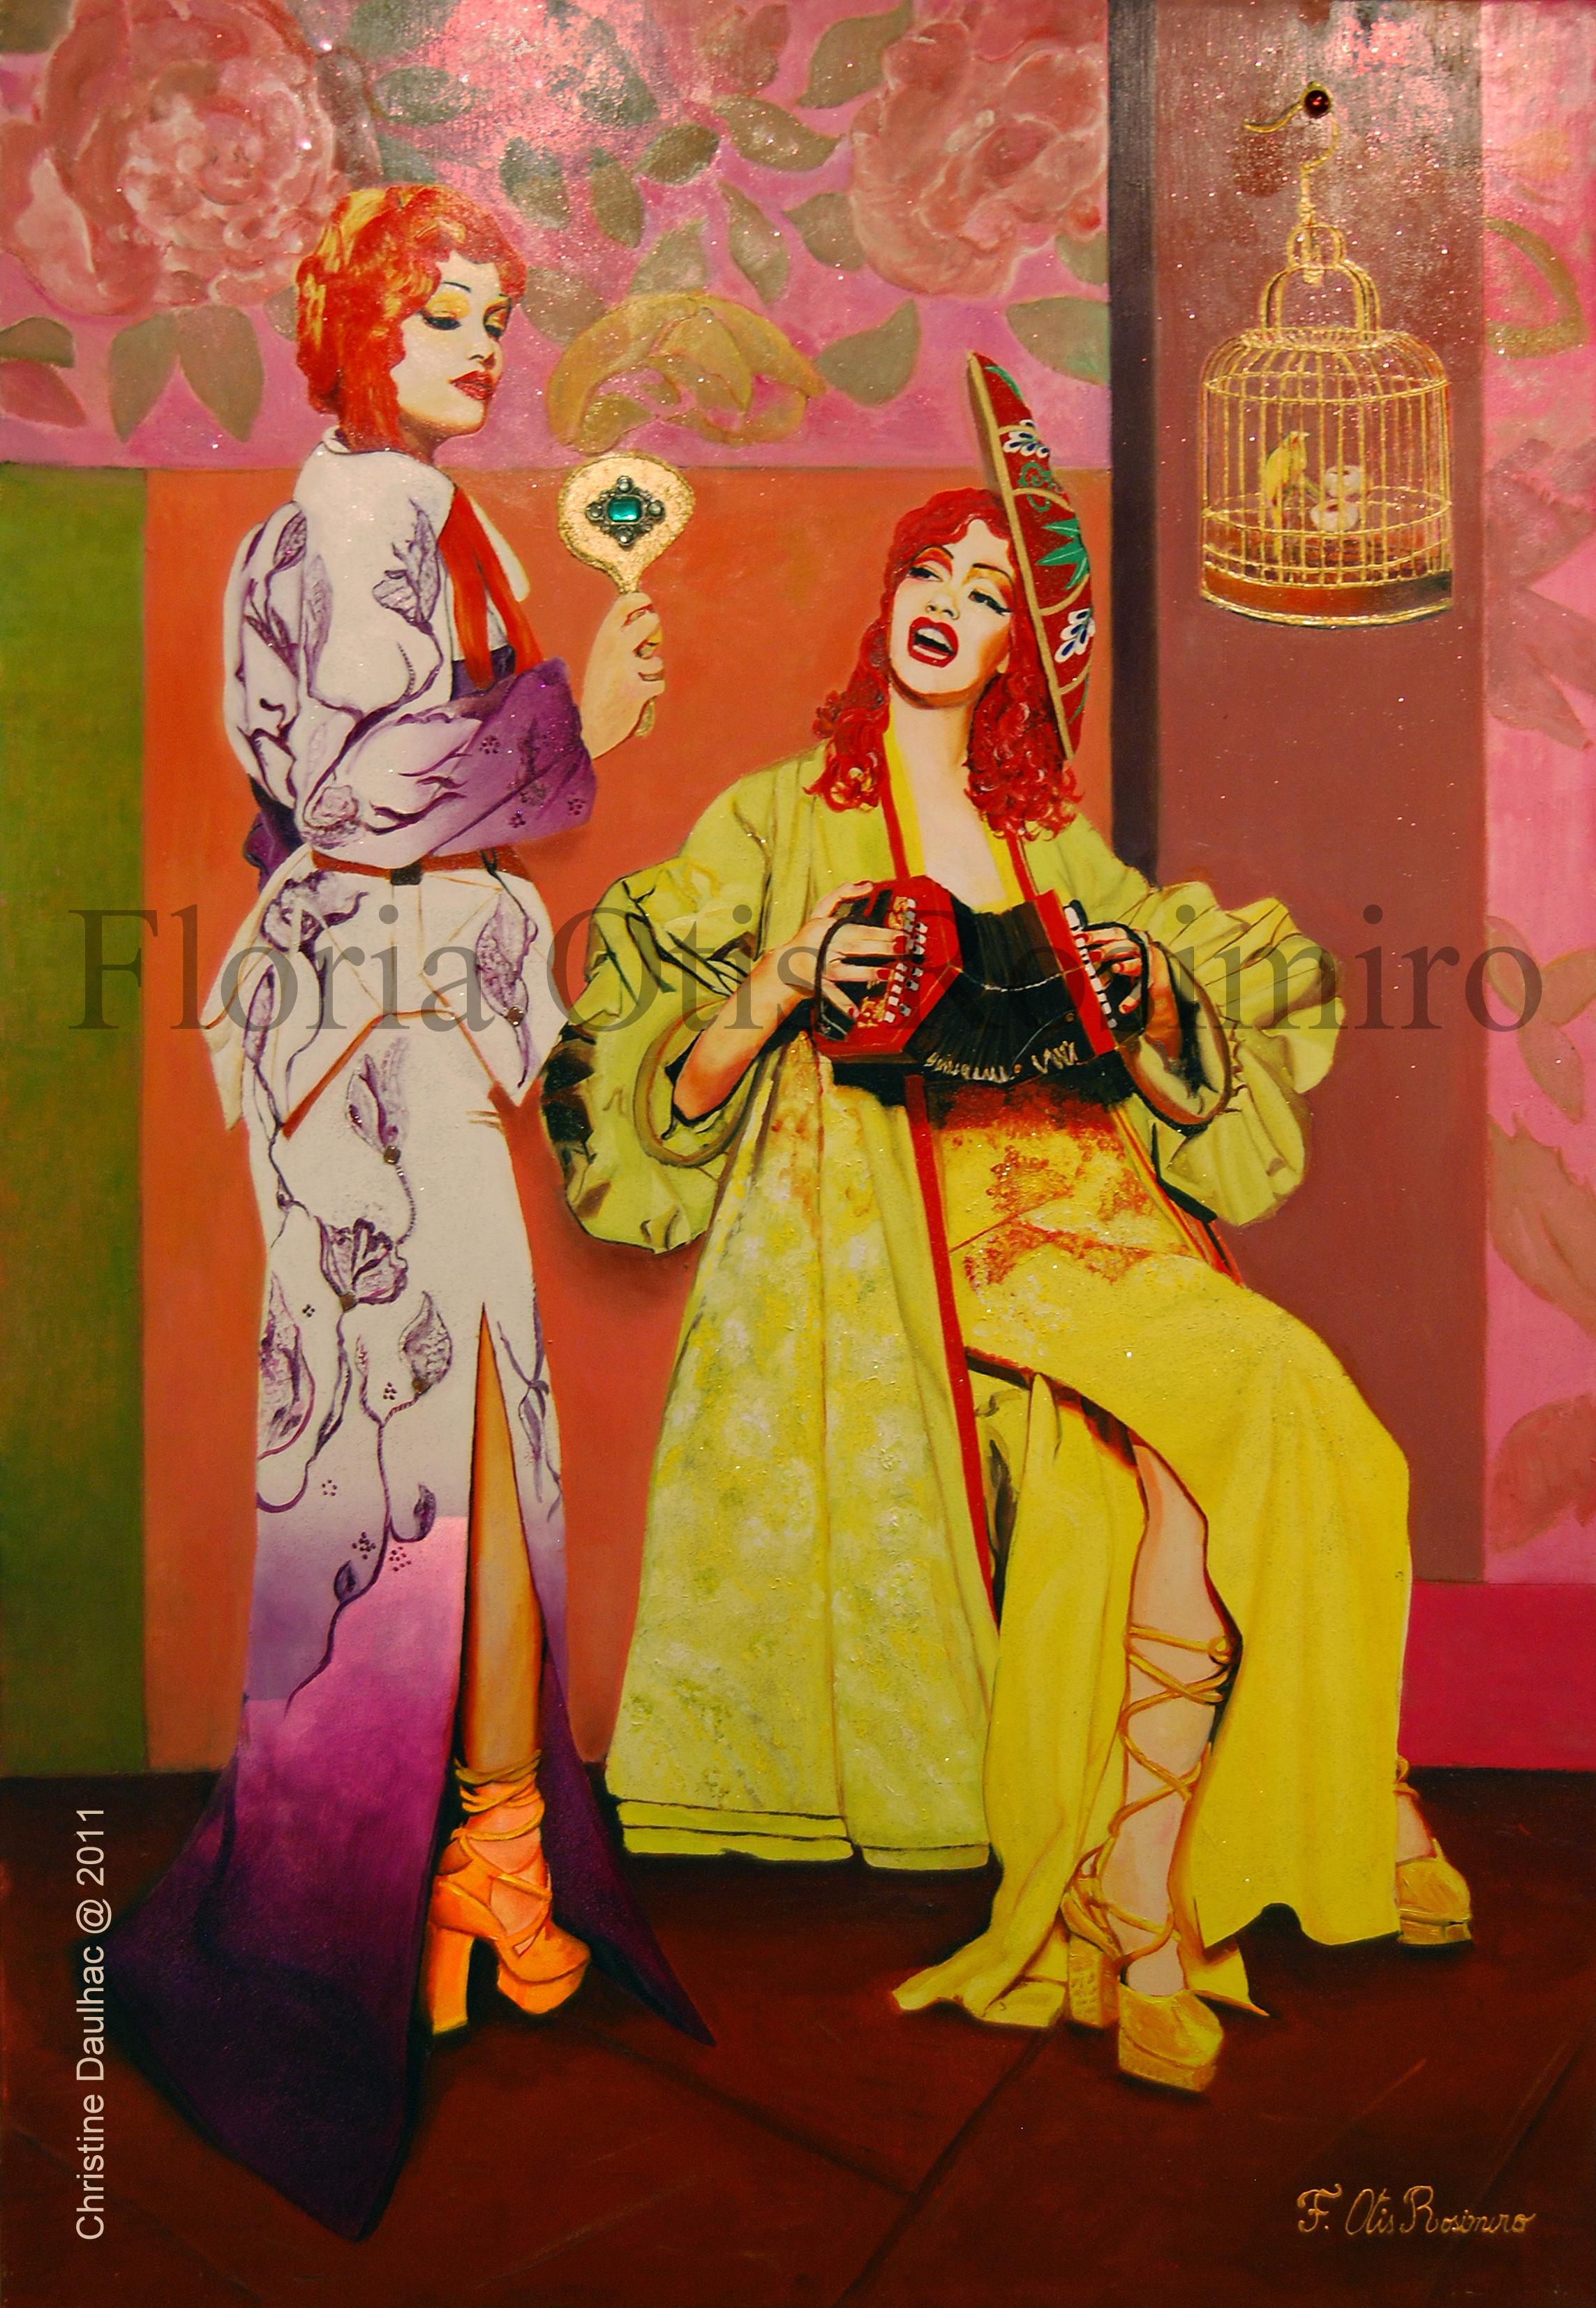 Huile sur toile - pierreries, brillants et peinture or - 92 cm x 65 cm